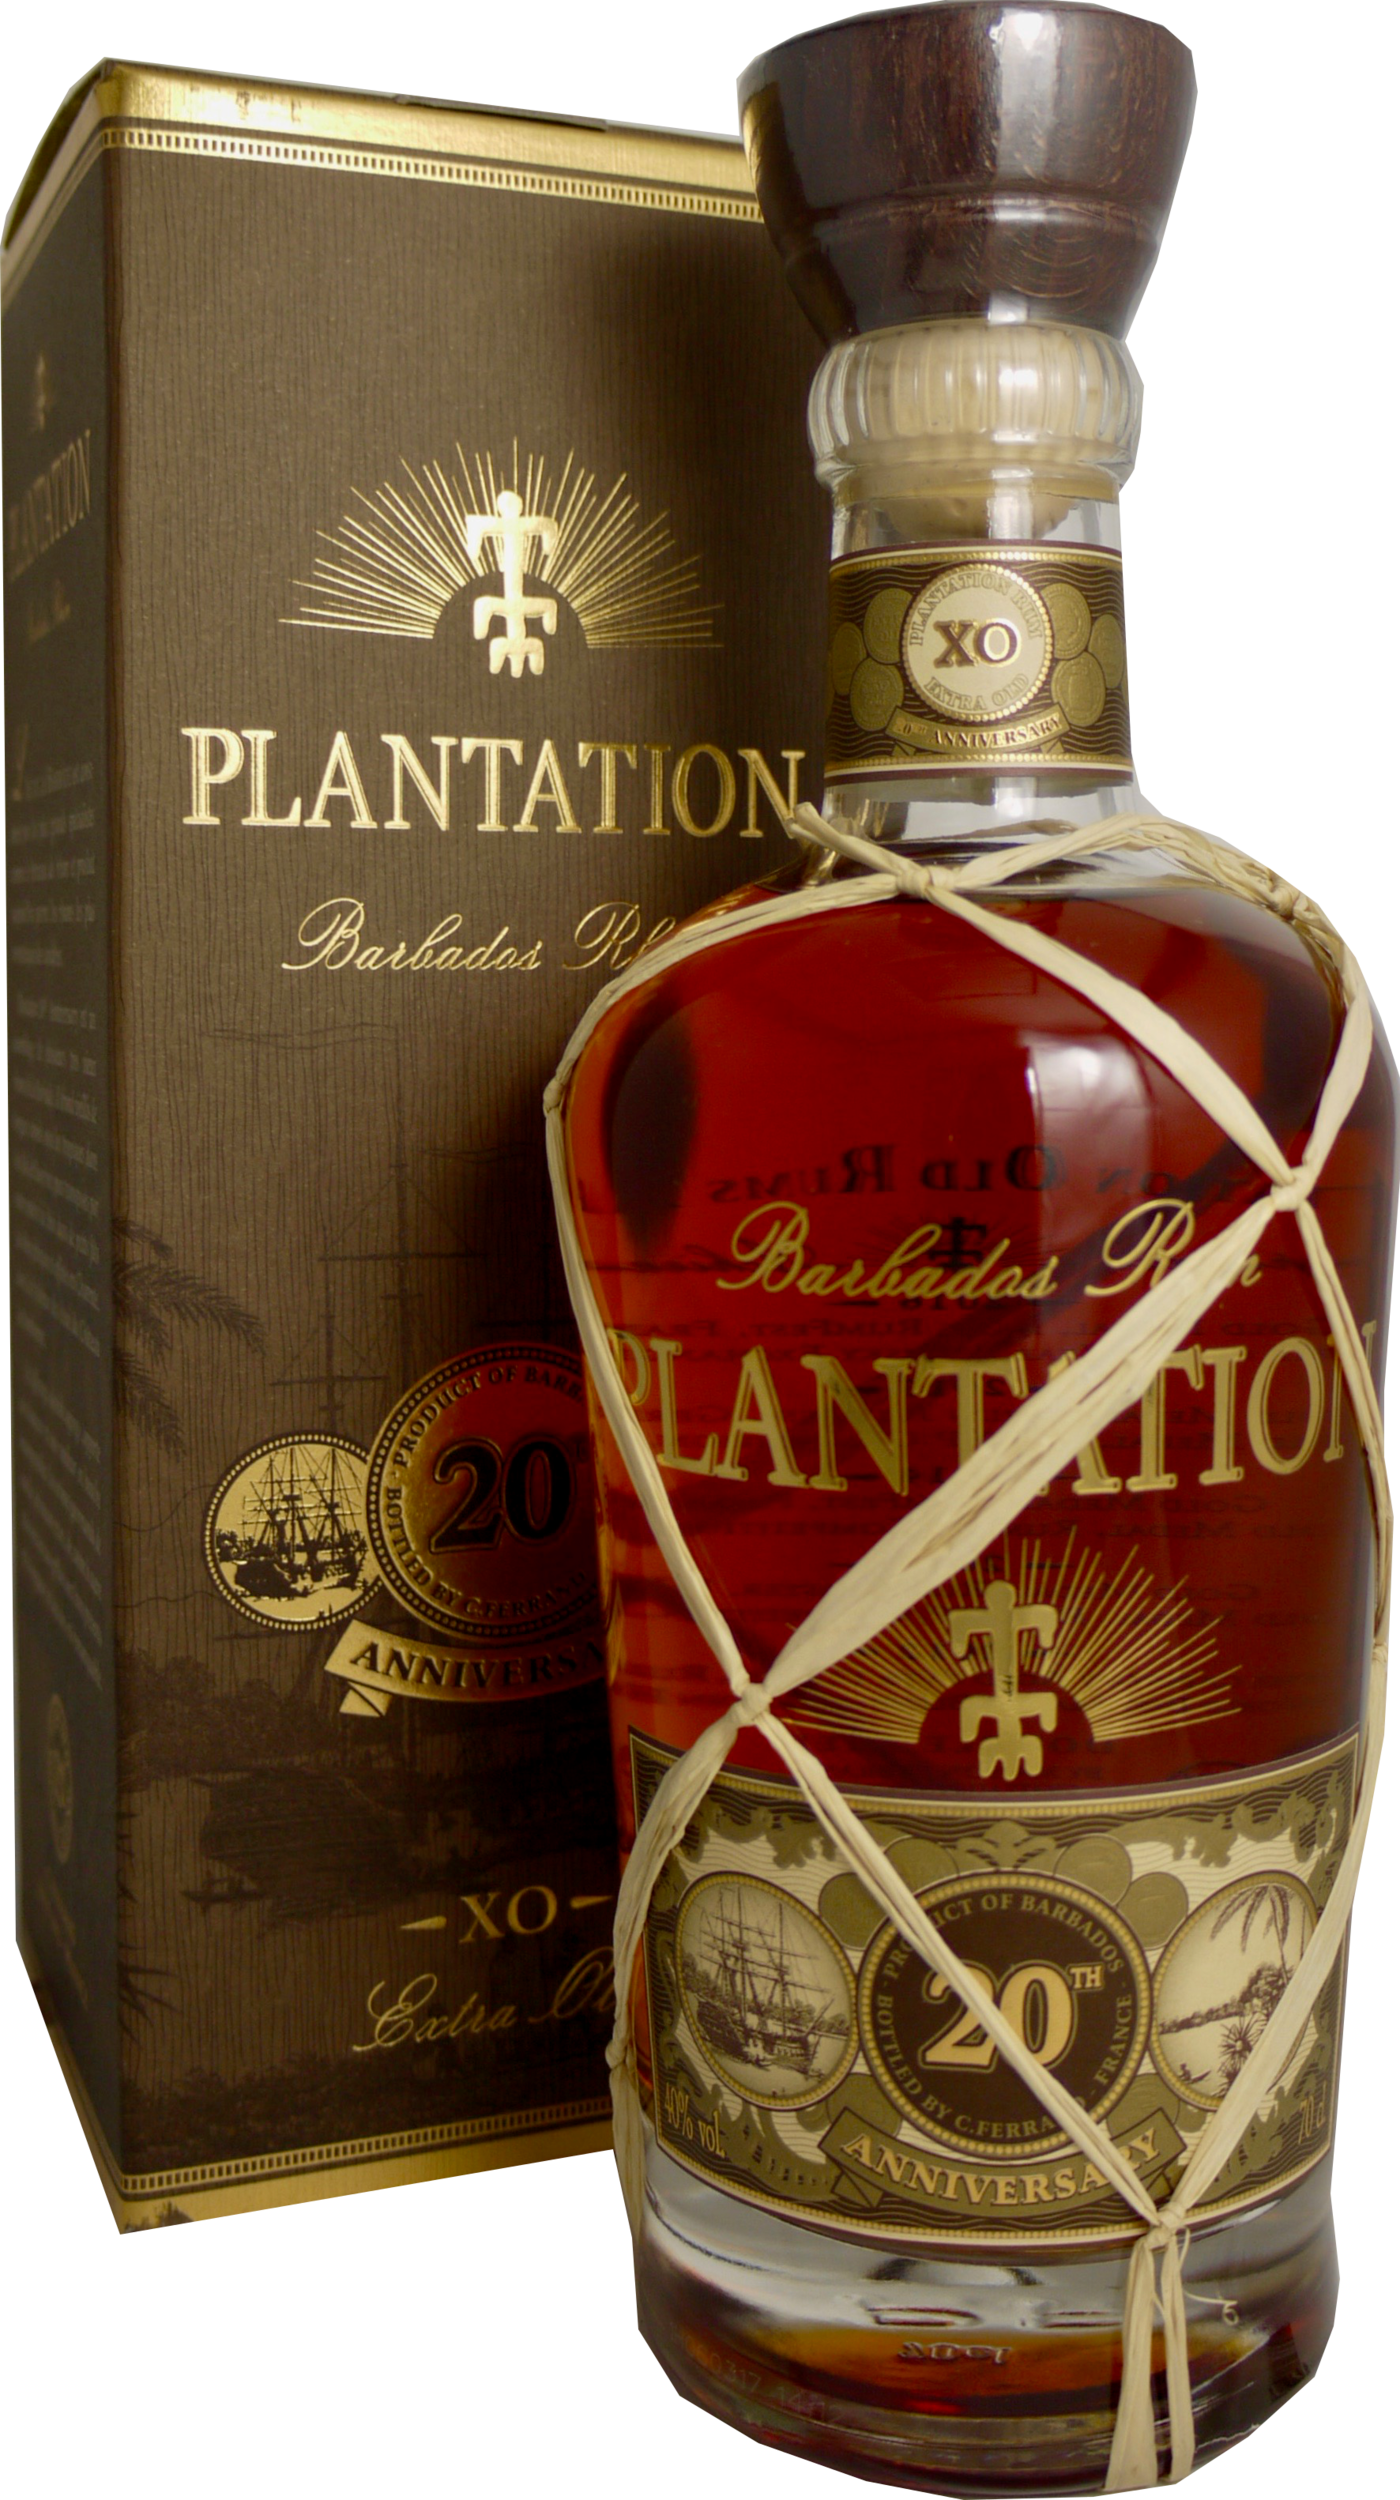 Plantation Rum XO 20th Anniversary - Plantation